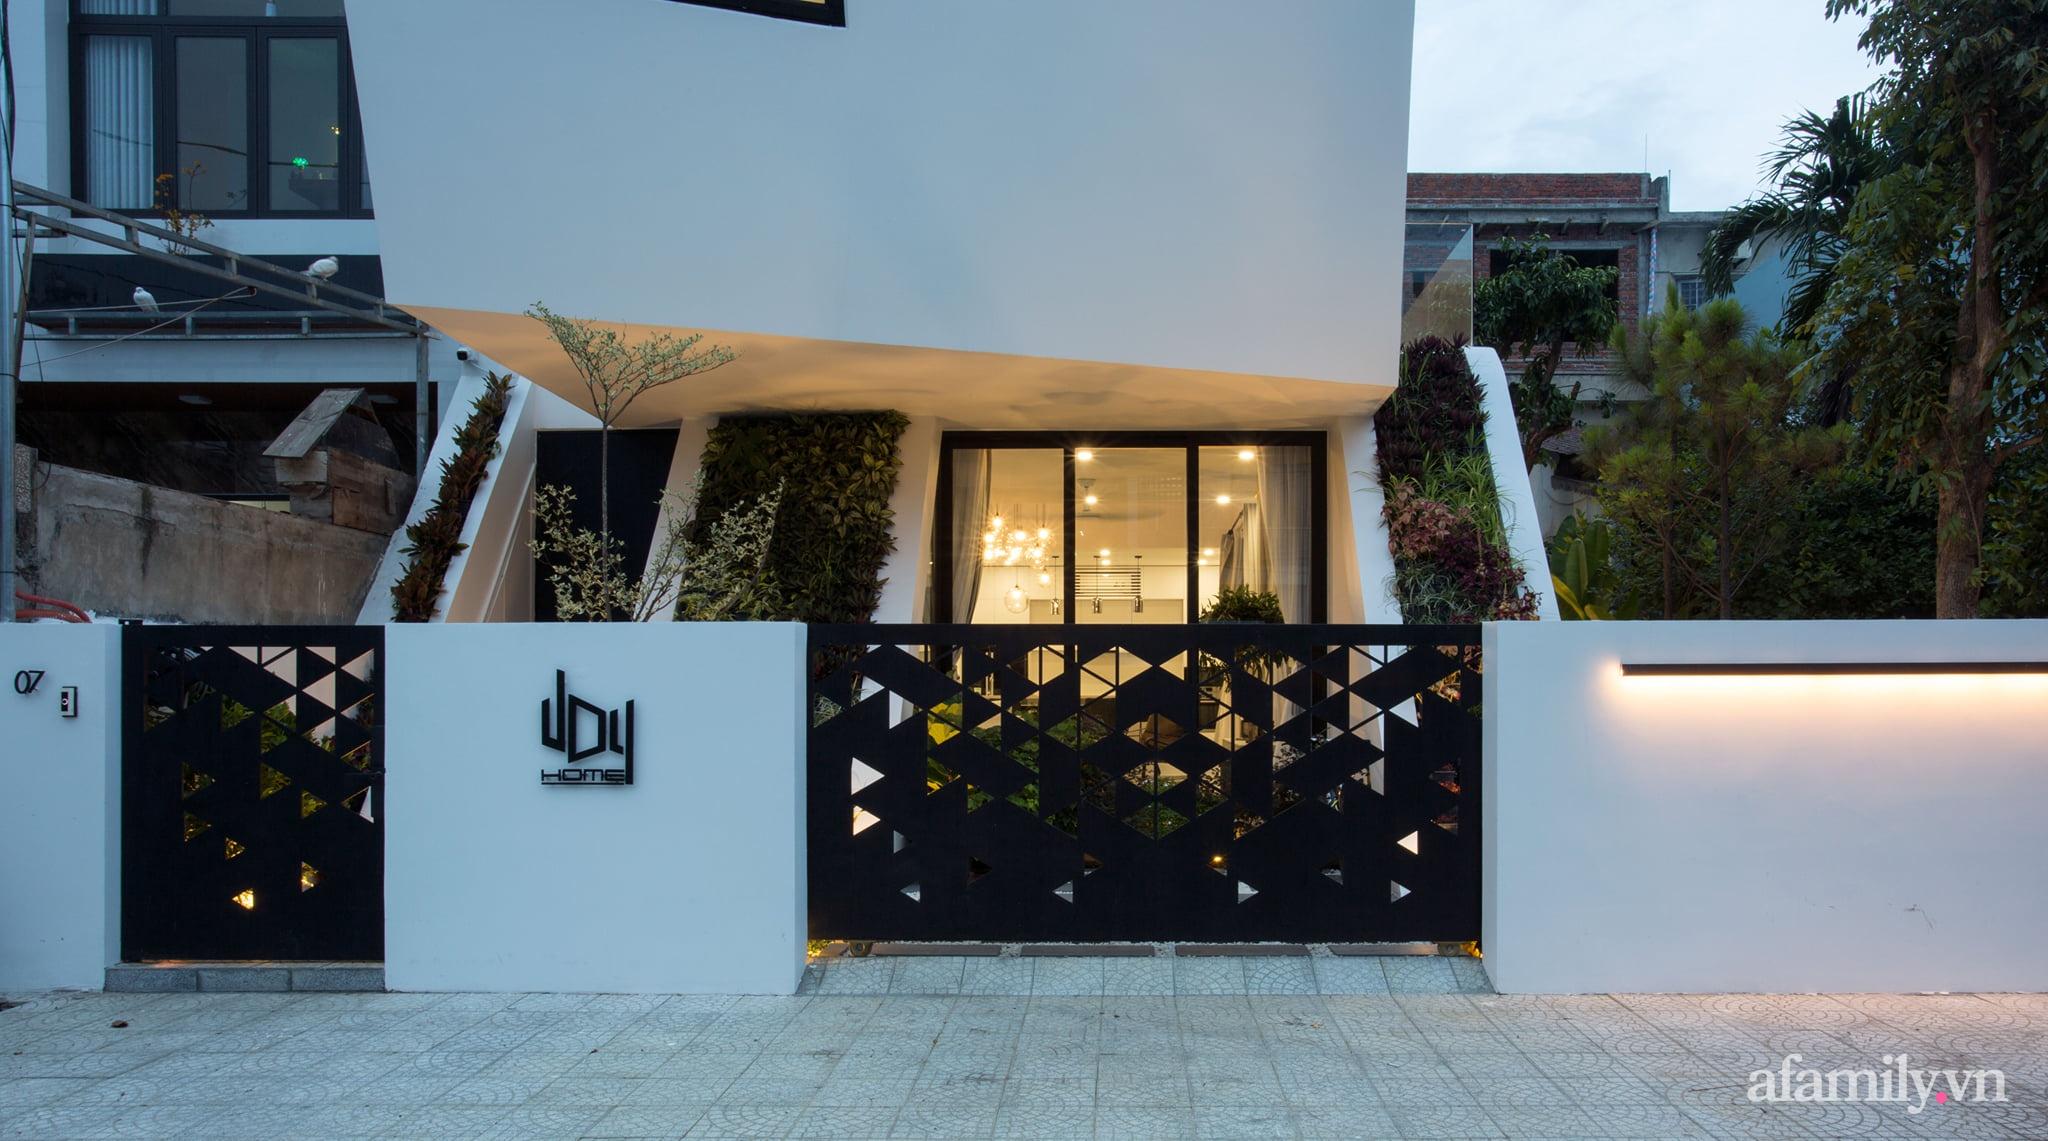 Nhà phố độc lạ được thiết kế lấy cảm hứng từ phi thuyền ở Đà Nẵng - Ảnh 8.